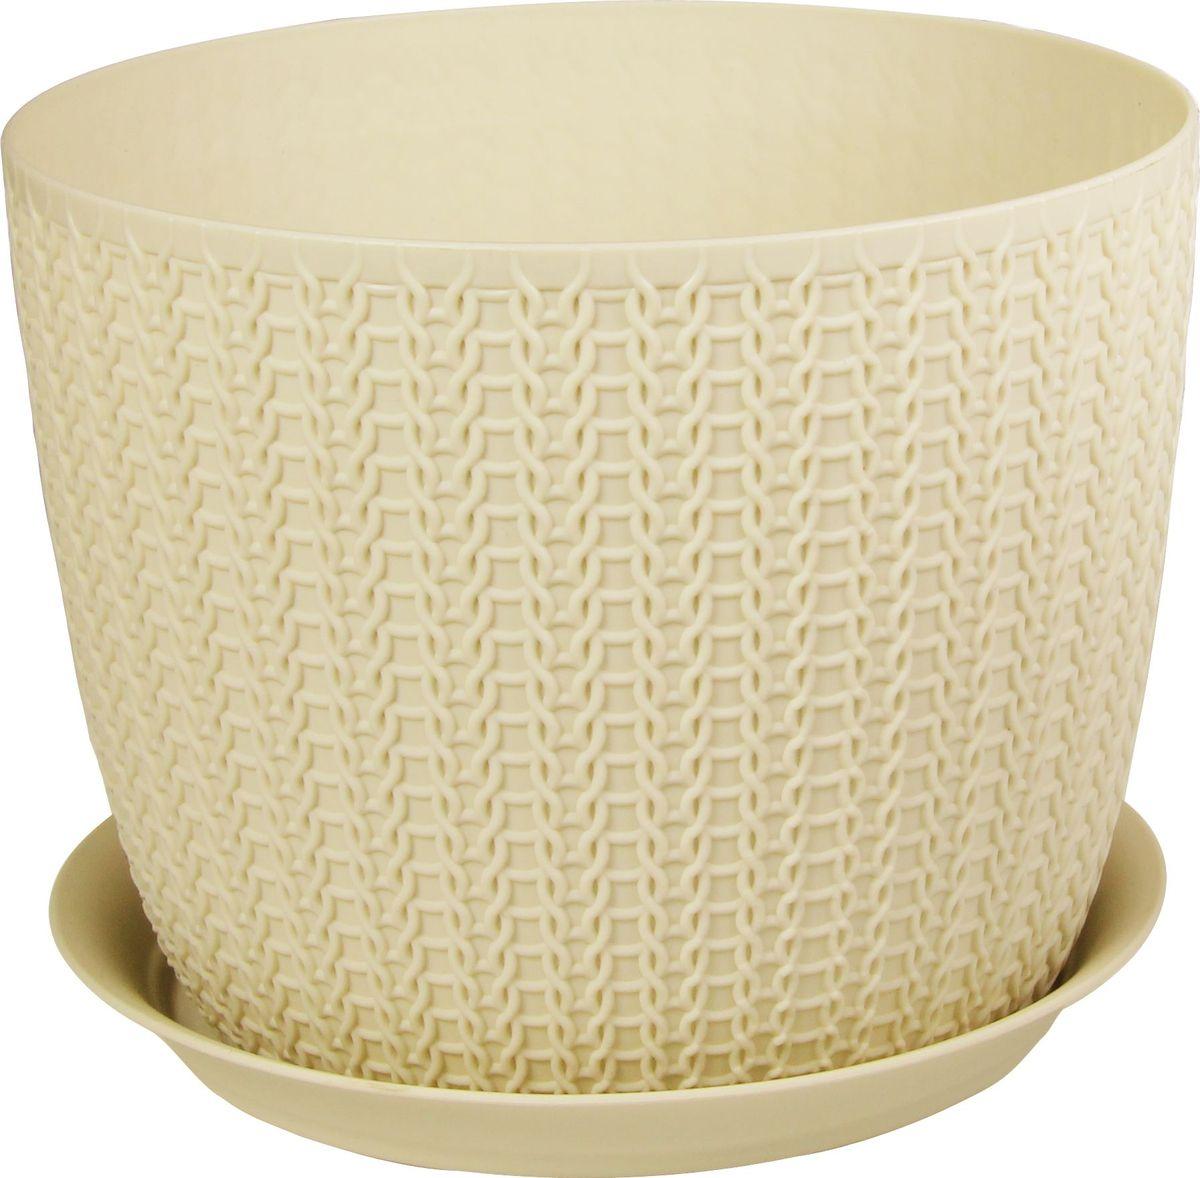 Кашпо Idea Вязание, с поддоном, цвет: белый ротанг, диаметр 21 смМ 3122_белый ротангКашпо Idea Вязание изготовлено из полипропилена (пластика). Специальная подставка предназначена для стока воды. Изделие прекрасно подходит для выращивания растений и цветов в домашних условиях.Диаметр кашпо: 21 см. Высота кашпо: 16,5 см. Объем кашпо: 4,5 л.